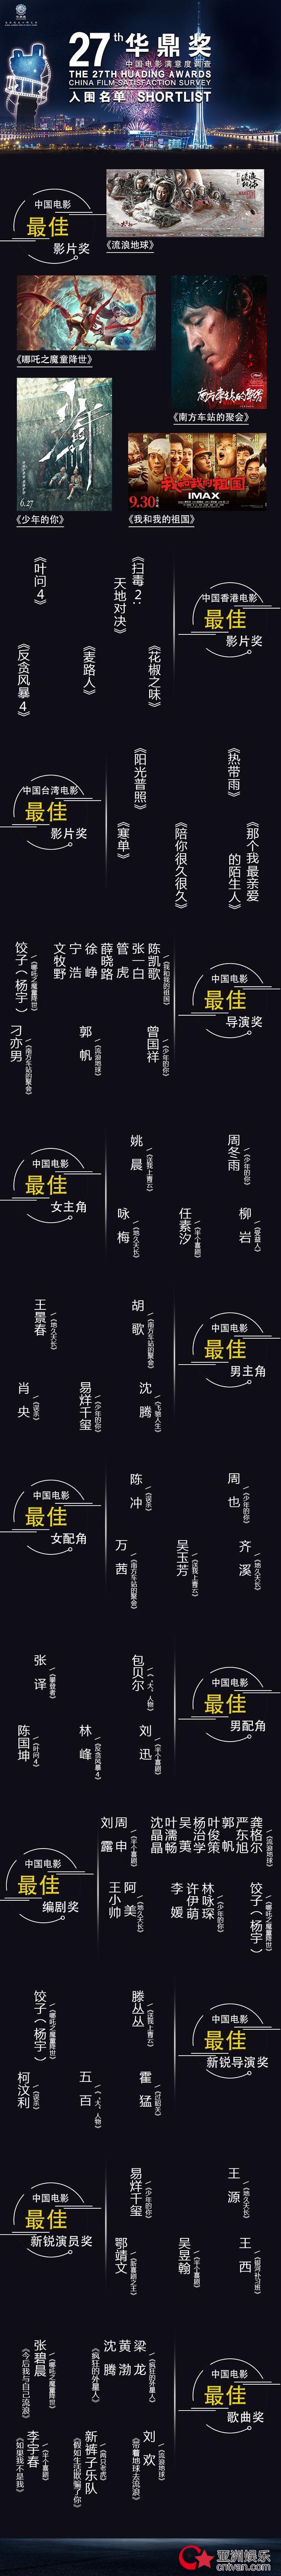 第27届华鼎奖提名公布 沈腾胡歌千玺周冬雨姚晨柳岩入围!